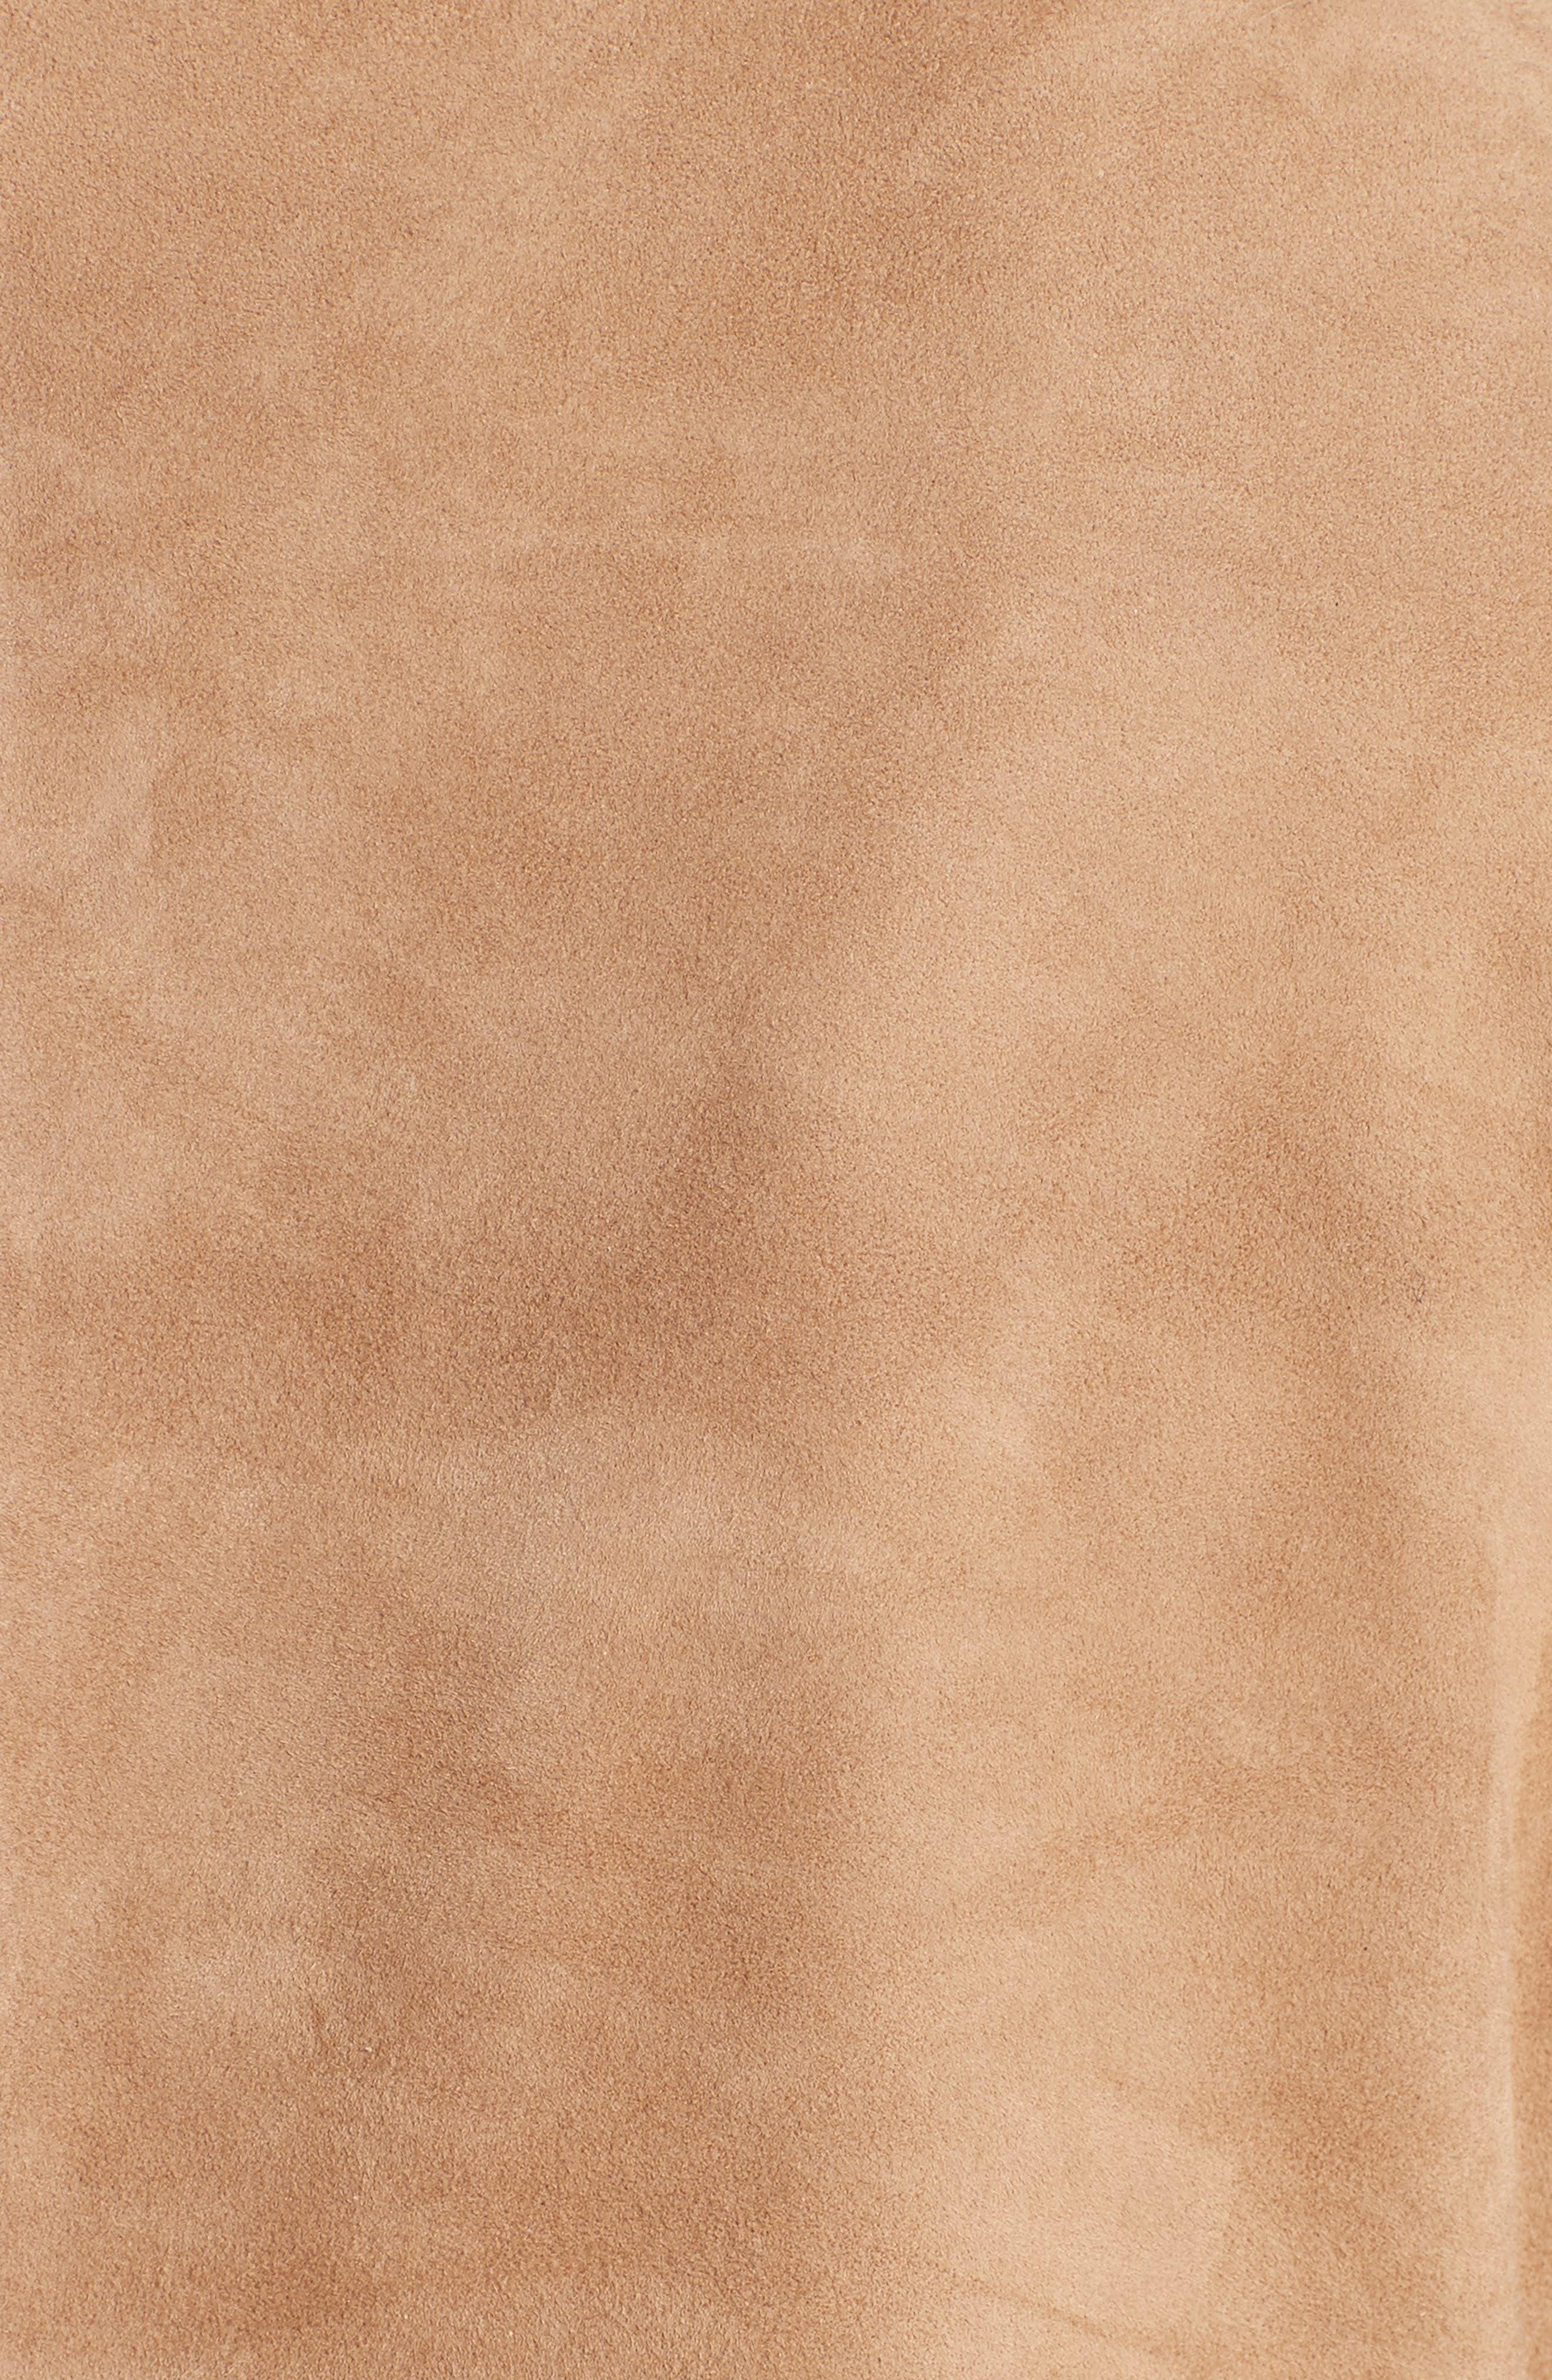 Suede & Cashmere Dress,                             Alternate thumbnail 5, color,                             200